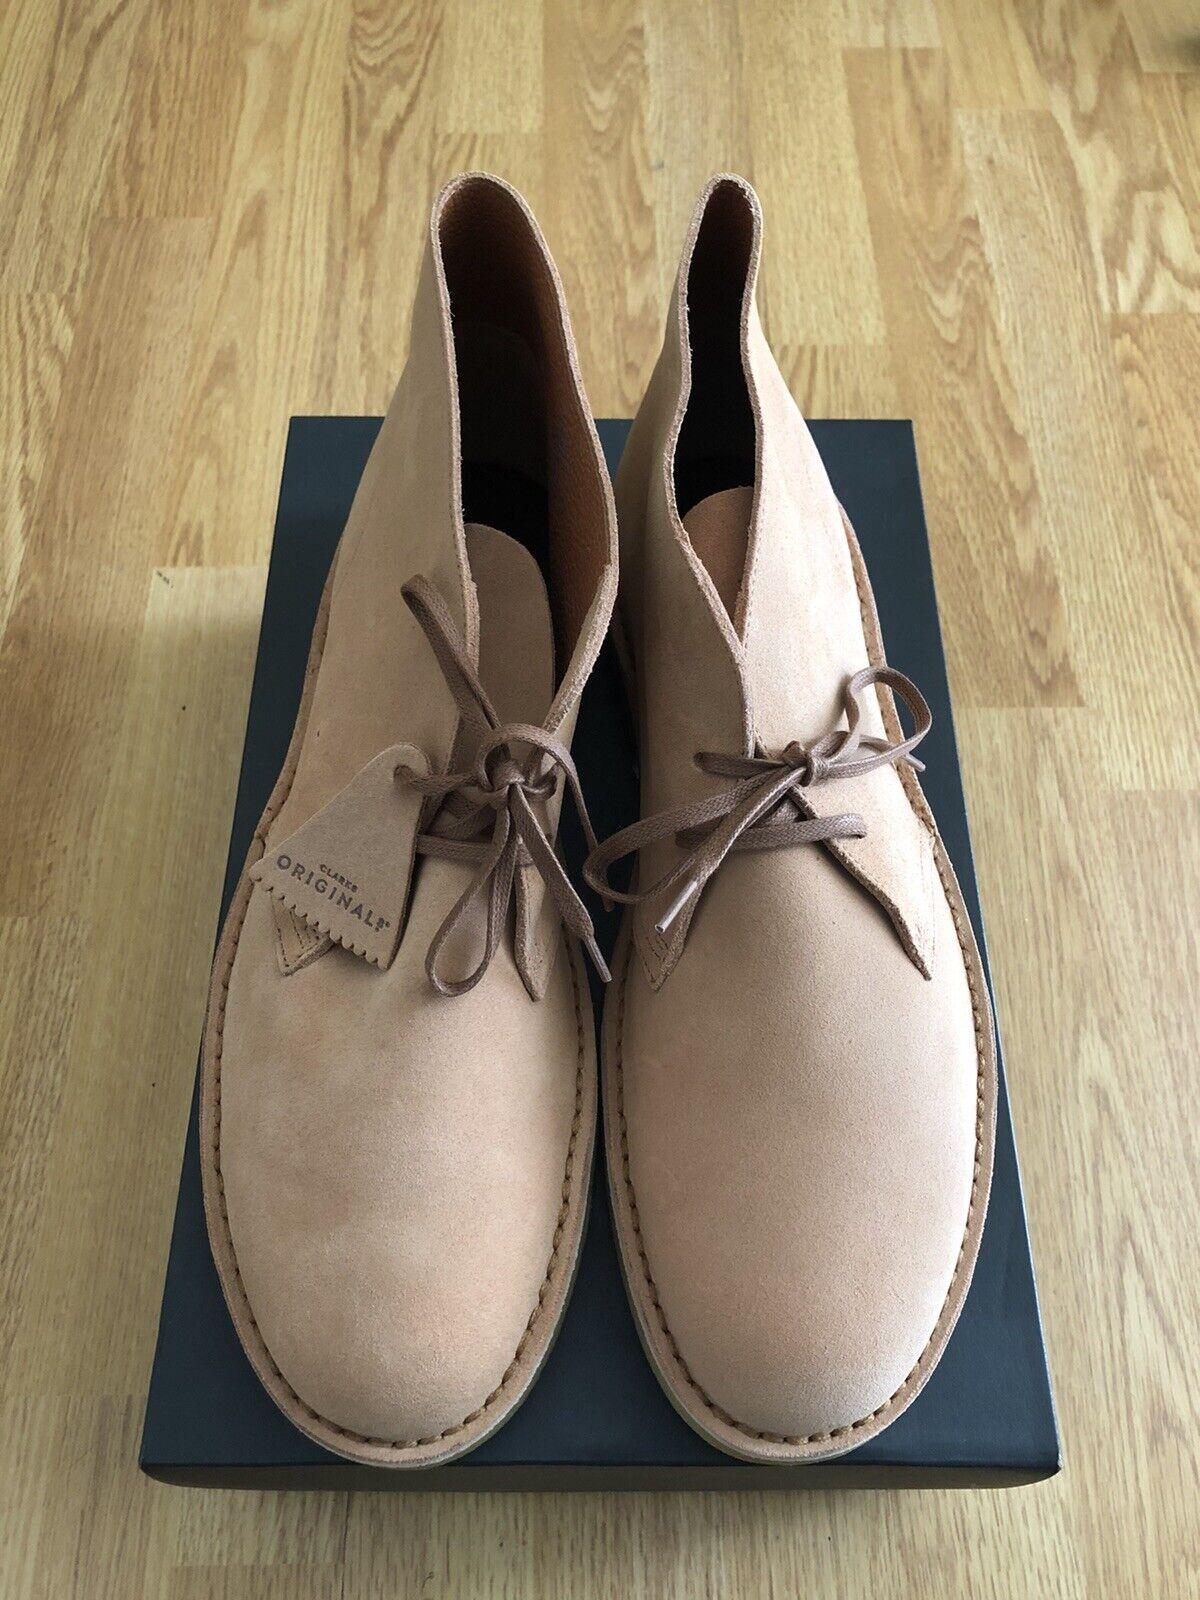 Clarks ORIGINALS Mens Desert Boot Fudge Suede / Size 12 UK RRP